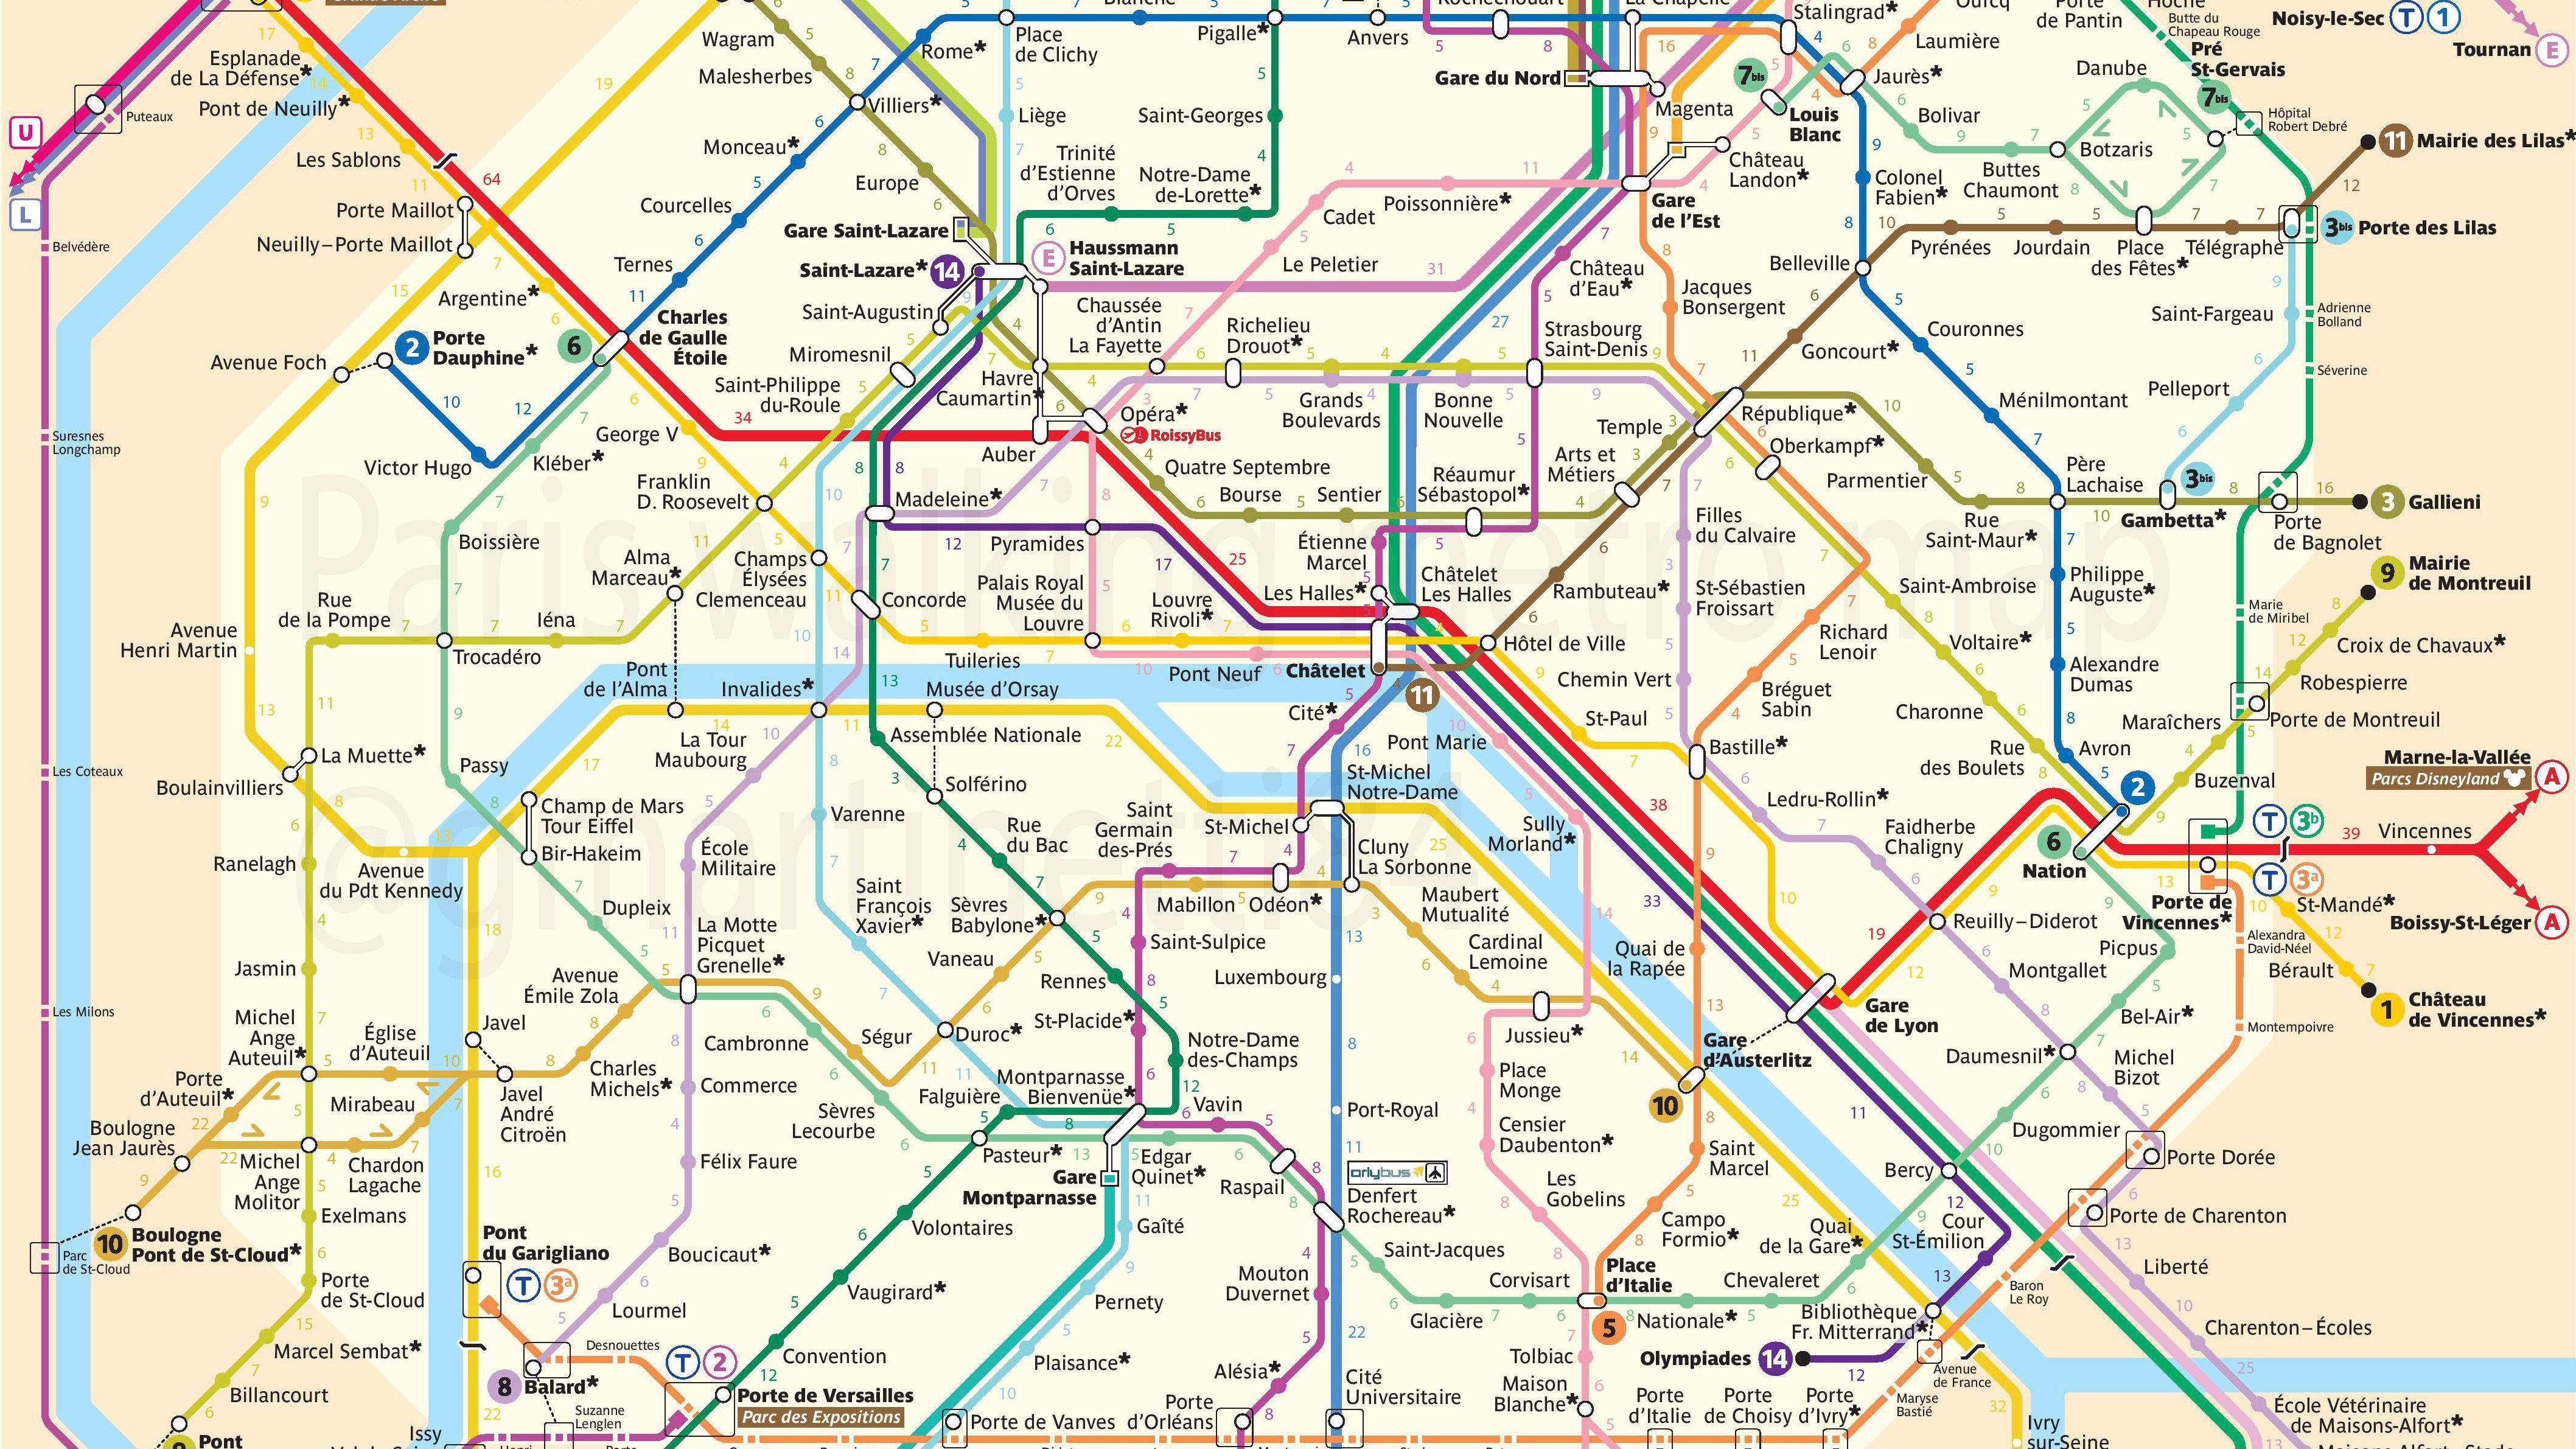 15 Choses Insupportables Dans Le Metro Metro Paris Paris Et Mairie